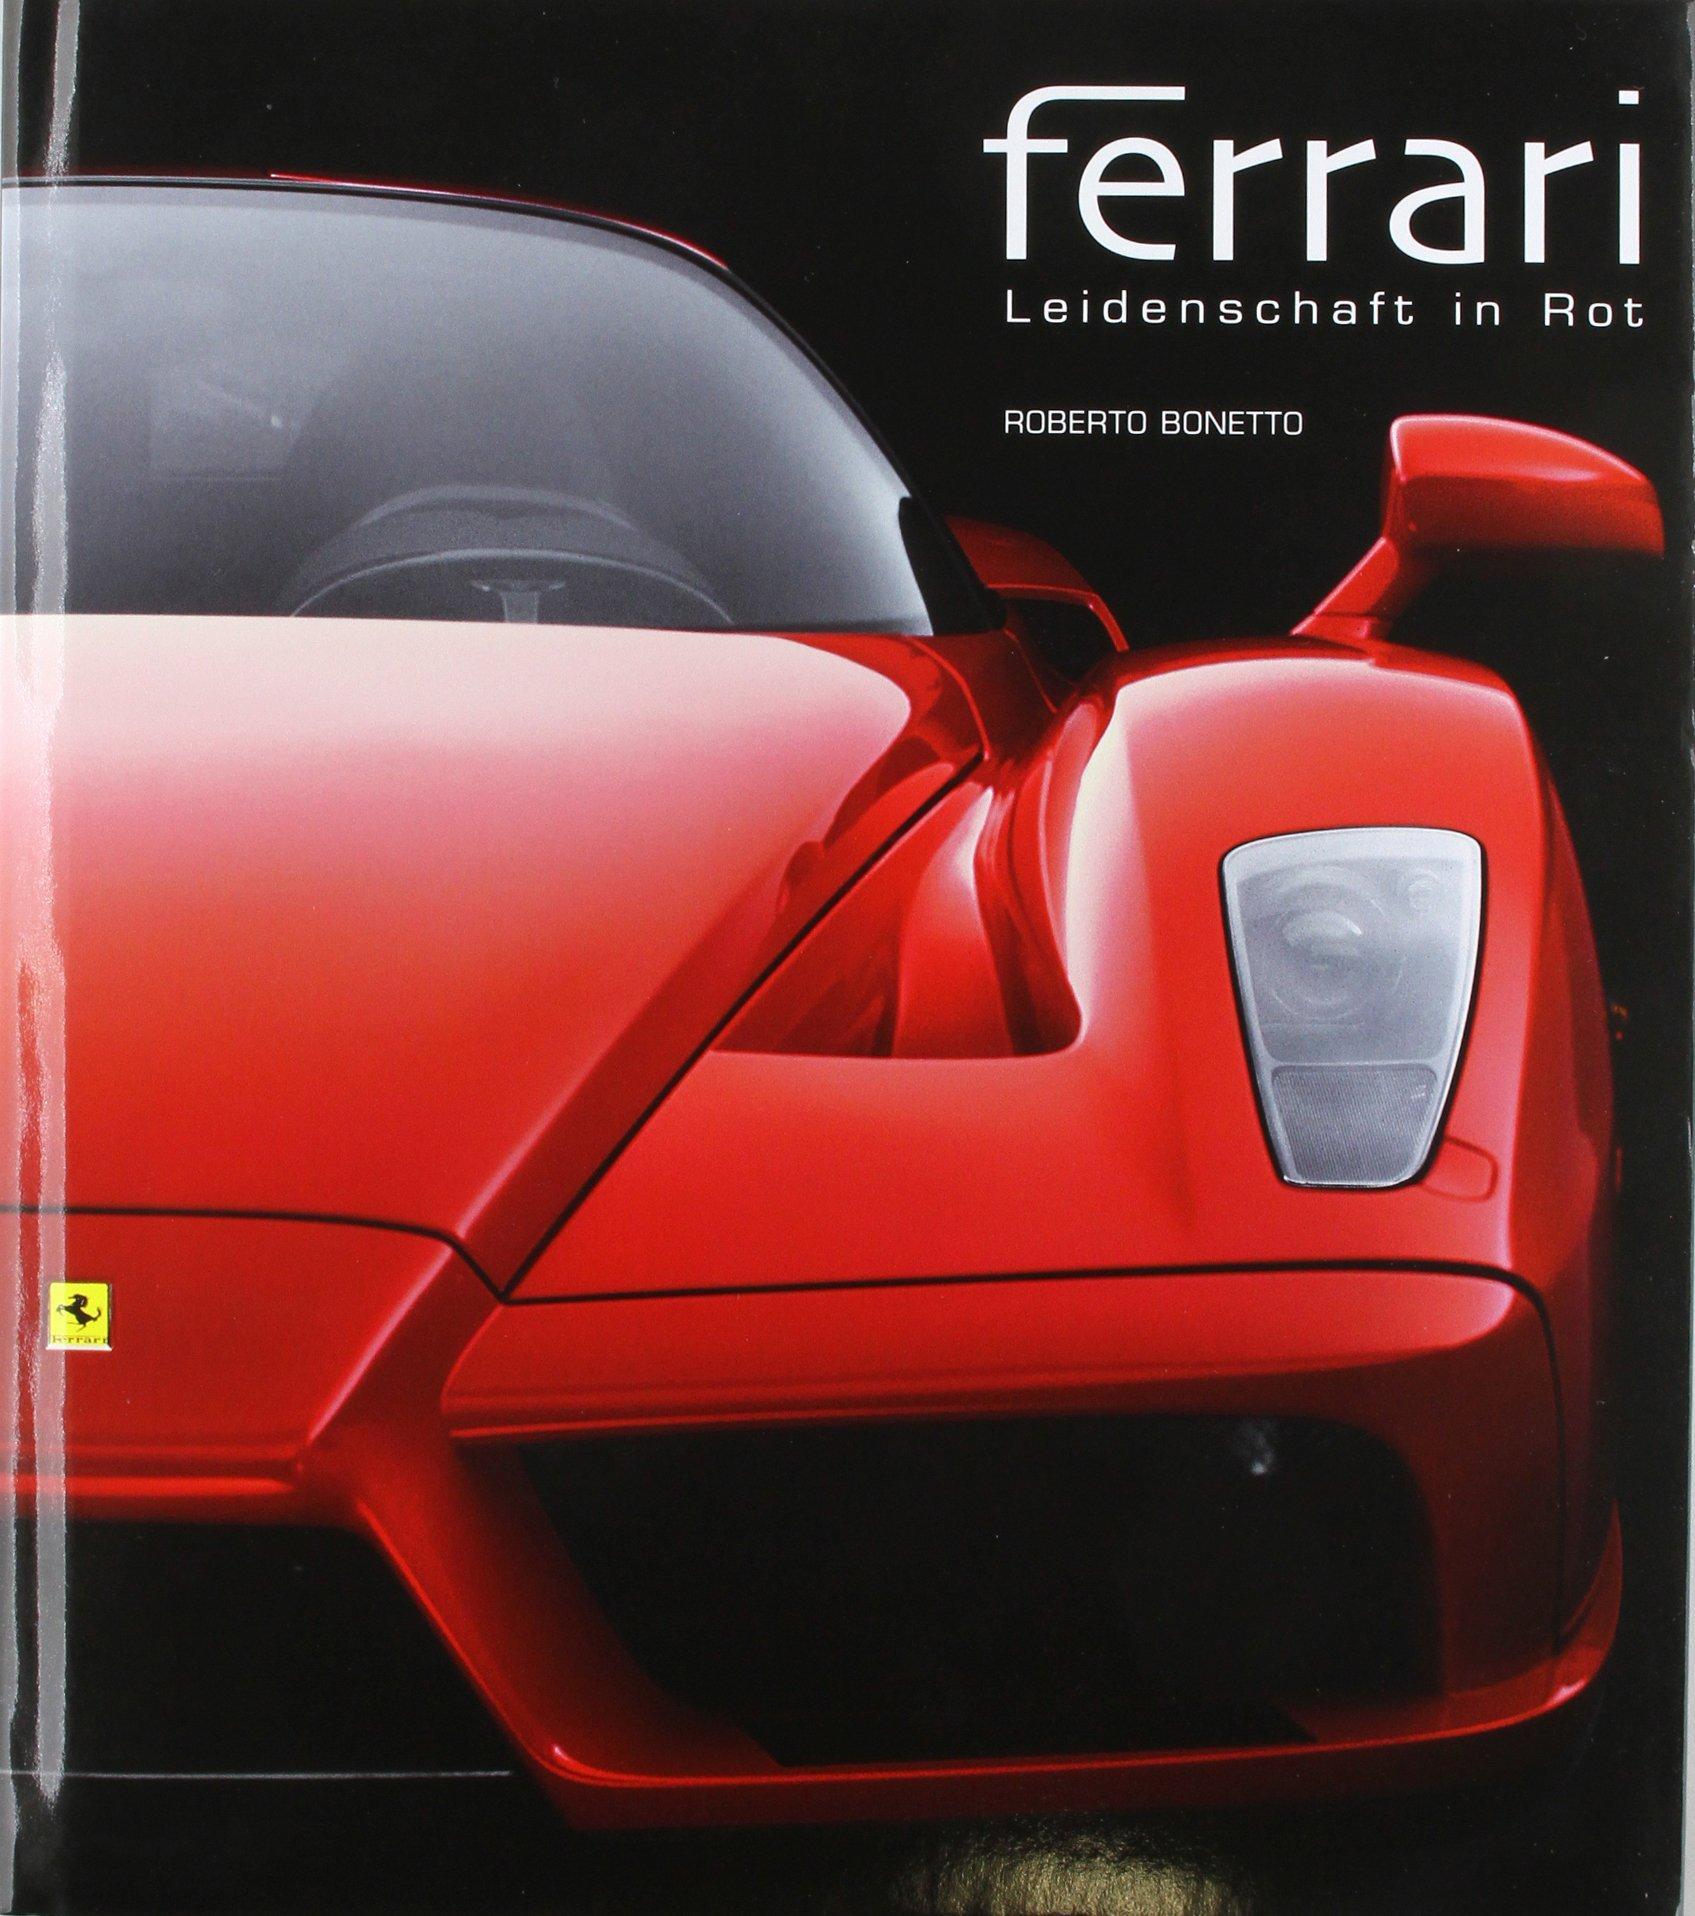 Ferrari- Leidenschaft in Rot (Sachbuch)